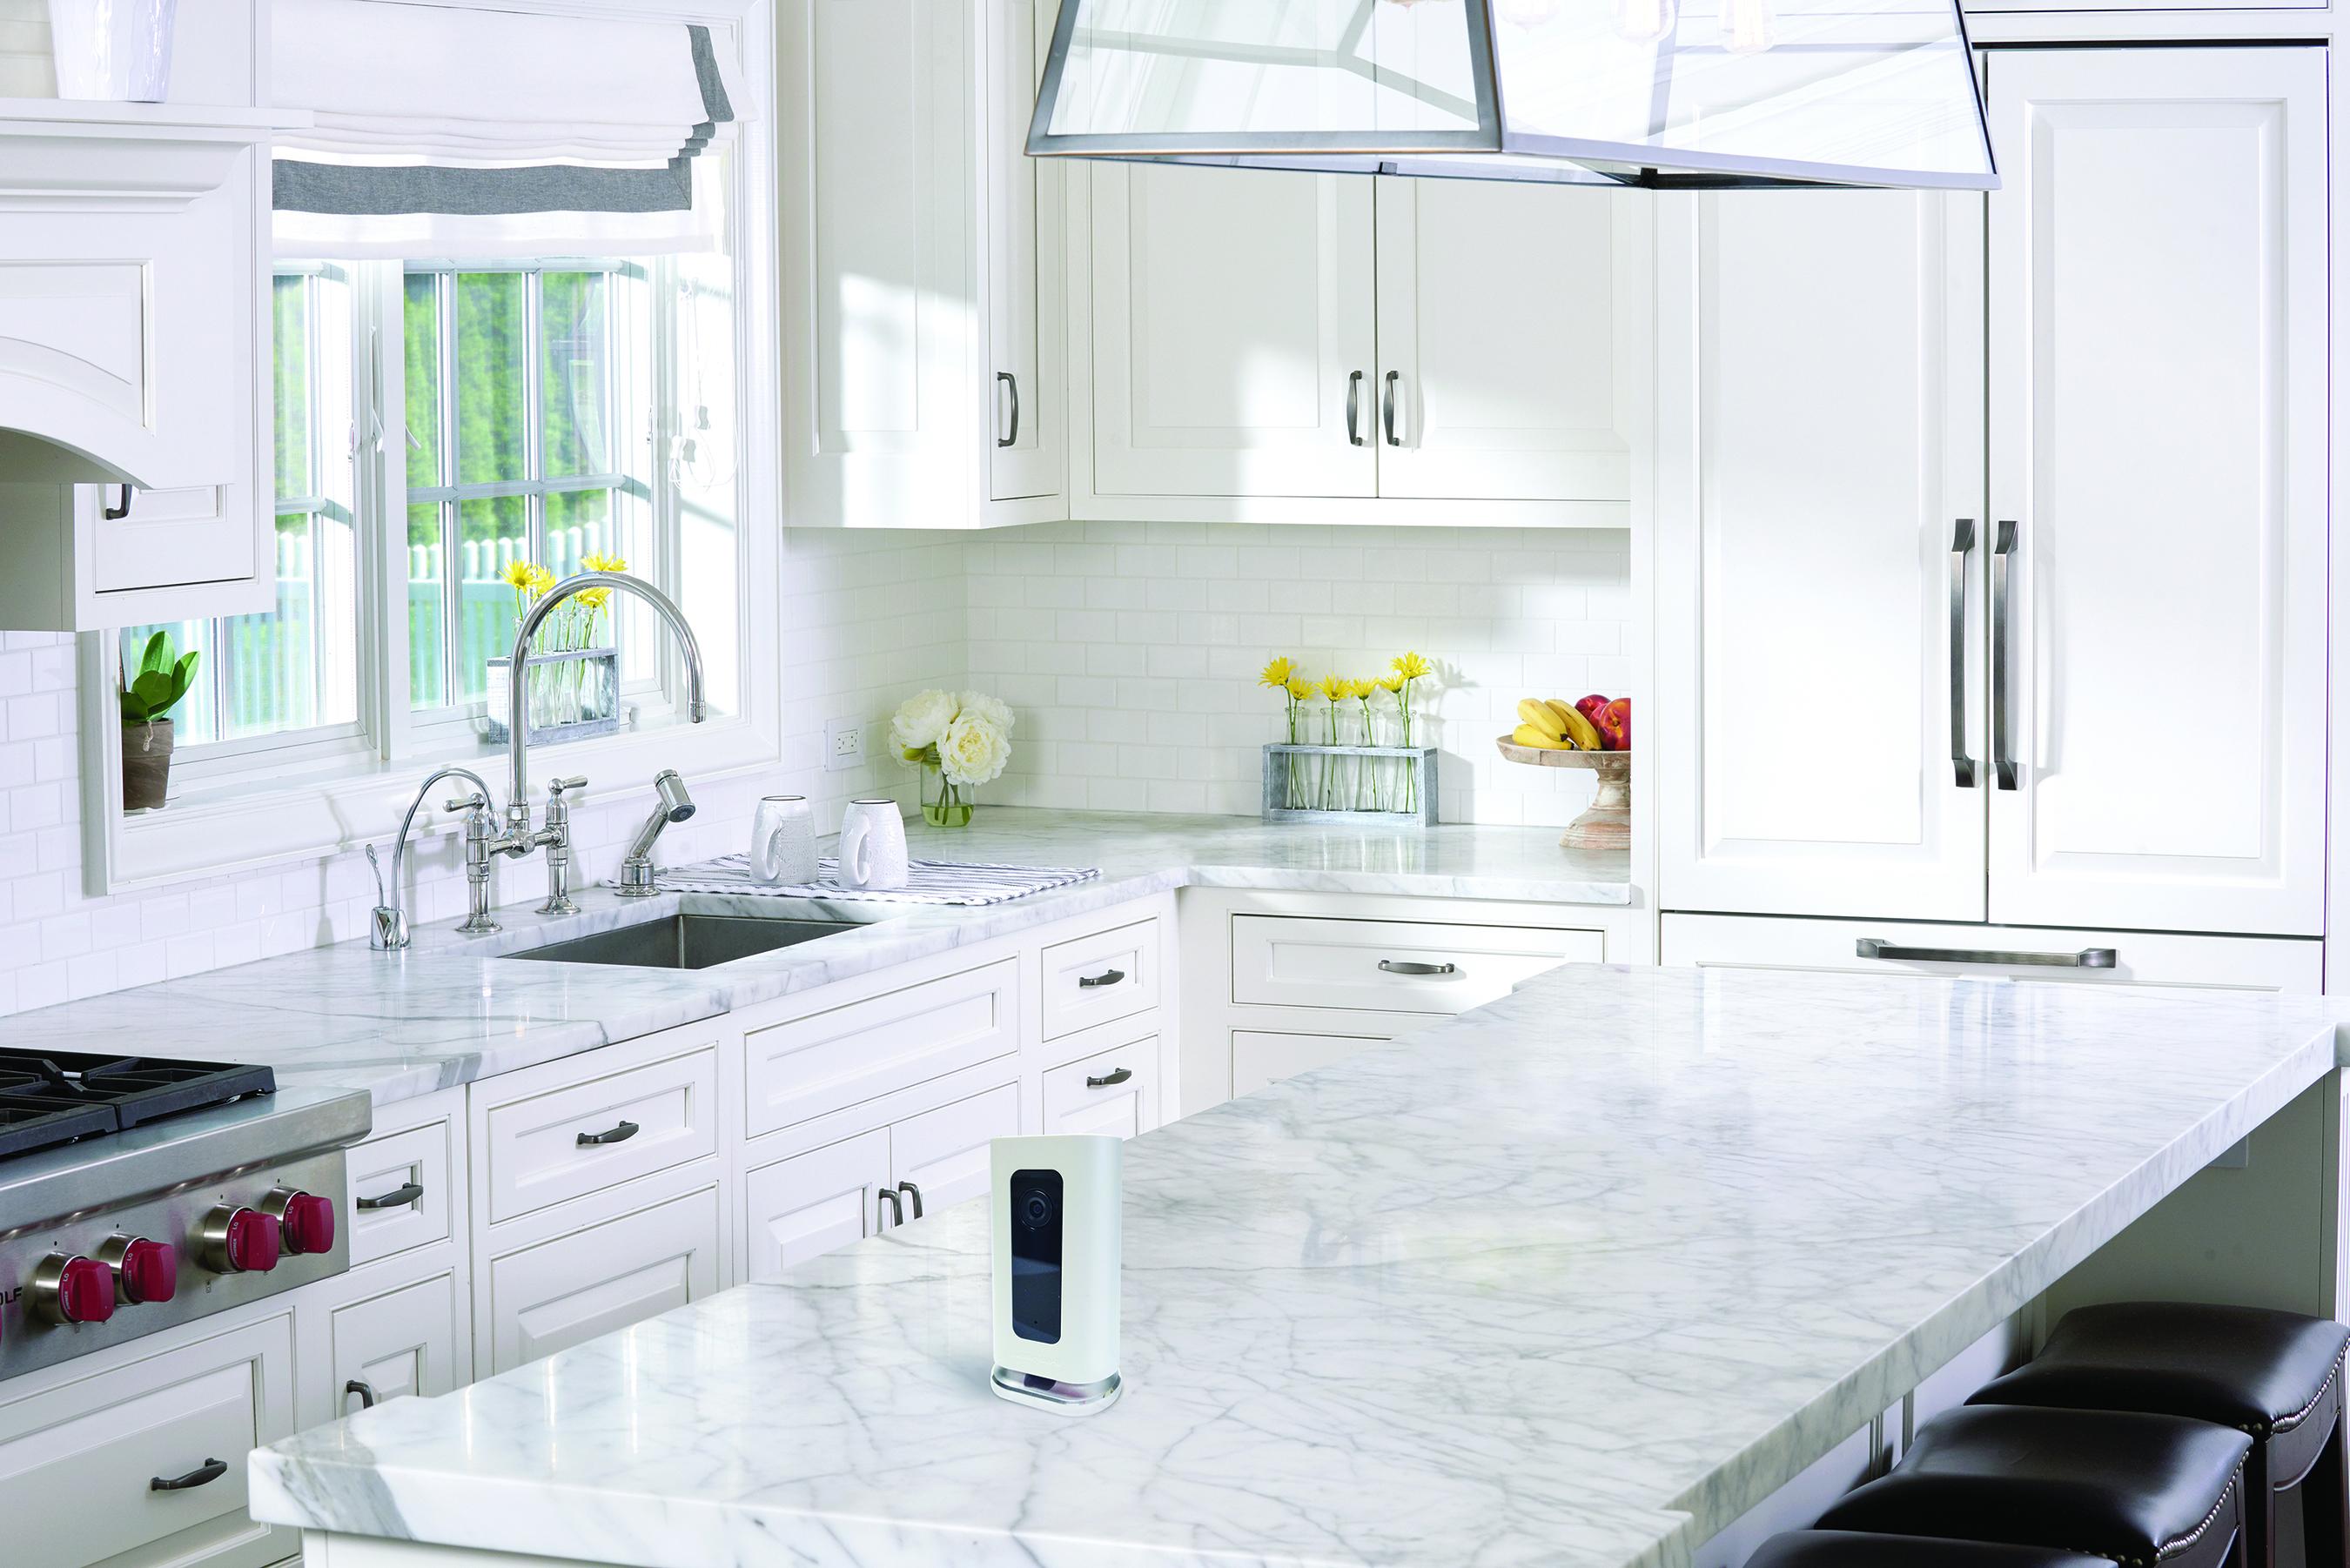 HD_Camera_Indoor_iPCAM-WIC1_Kitchen_hi-1